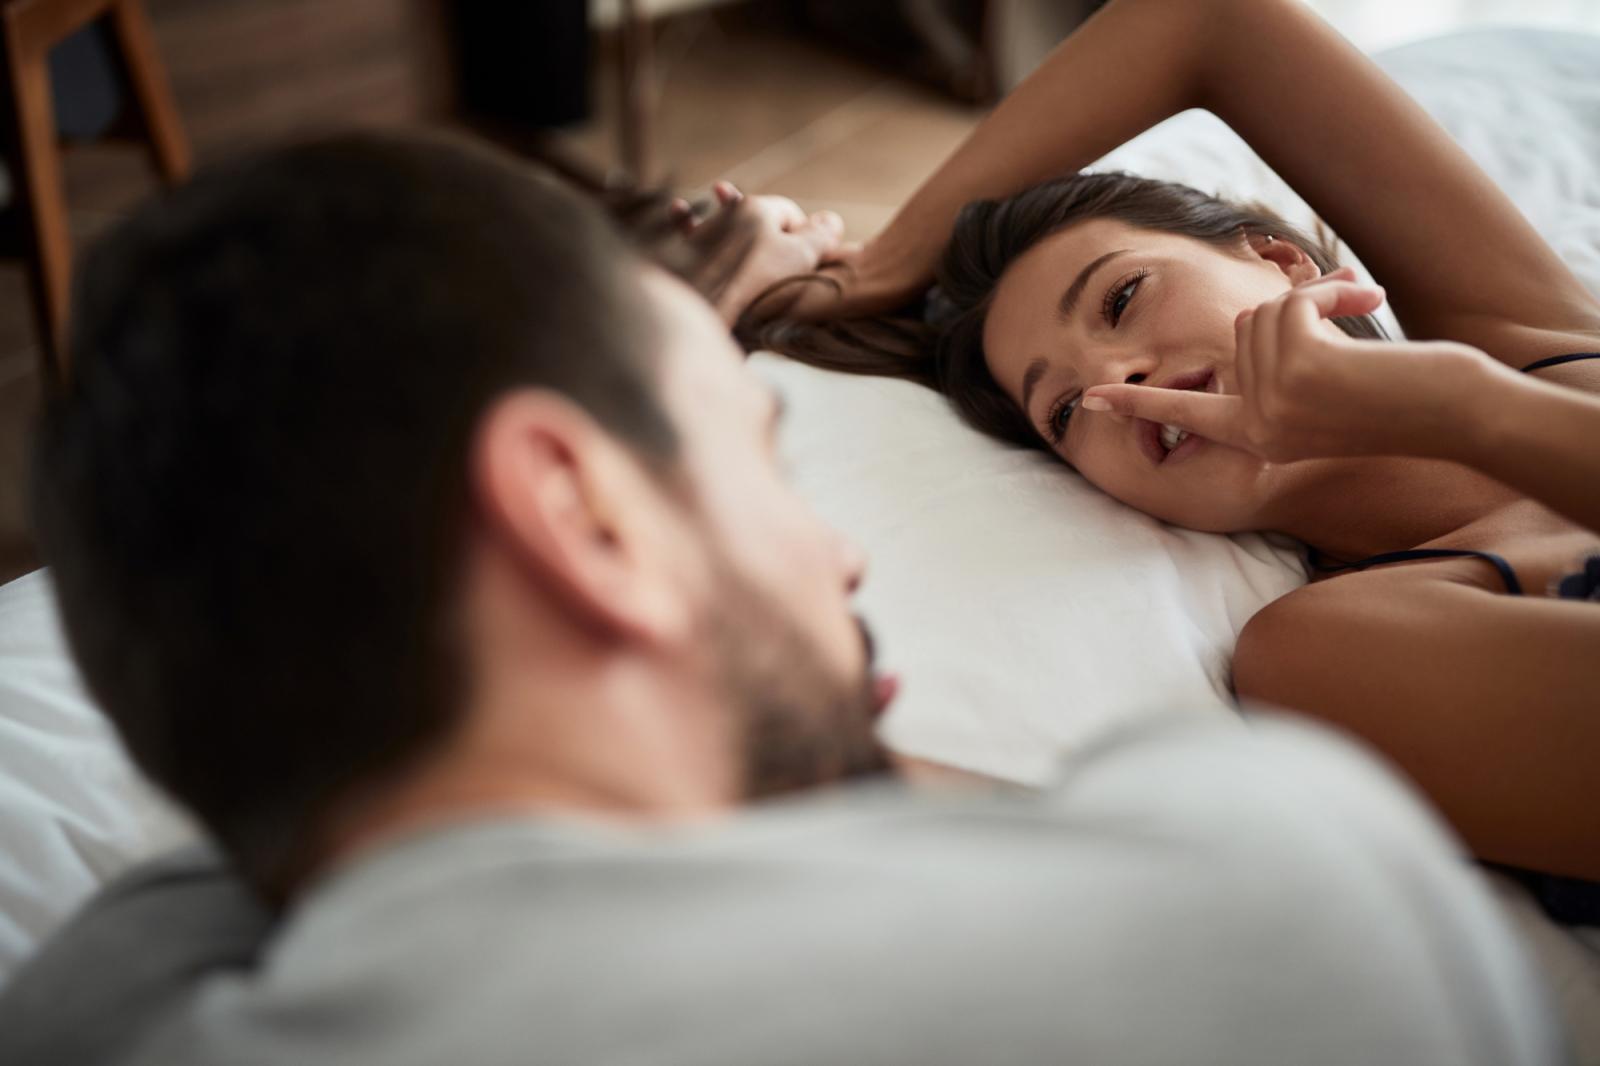 az erekció káros-e orgazmus nélkül lehet-e a megbénultnak merevedése